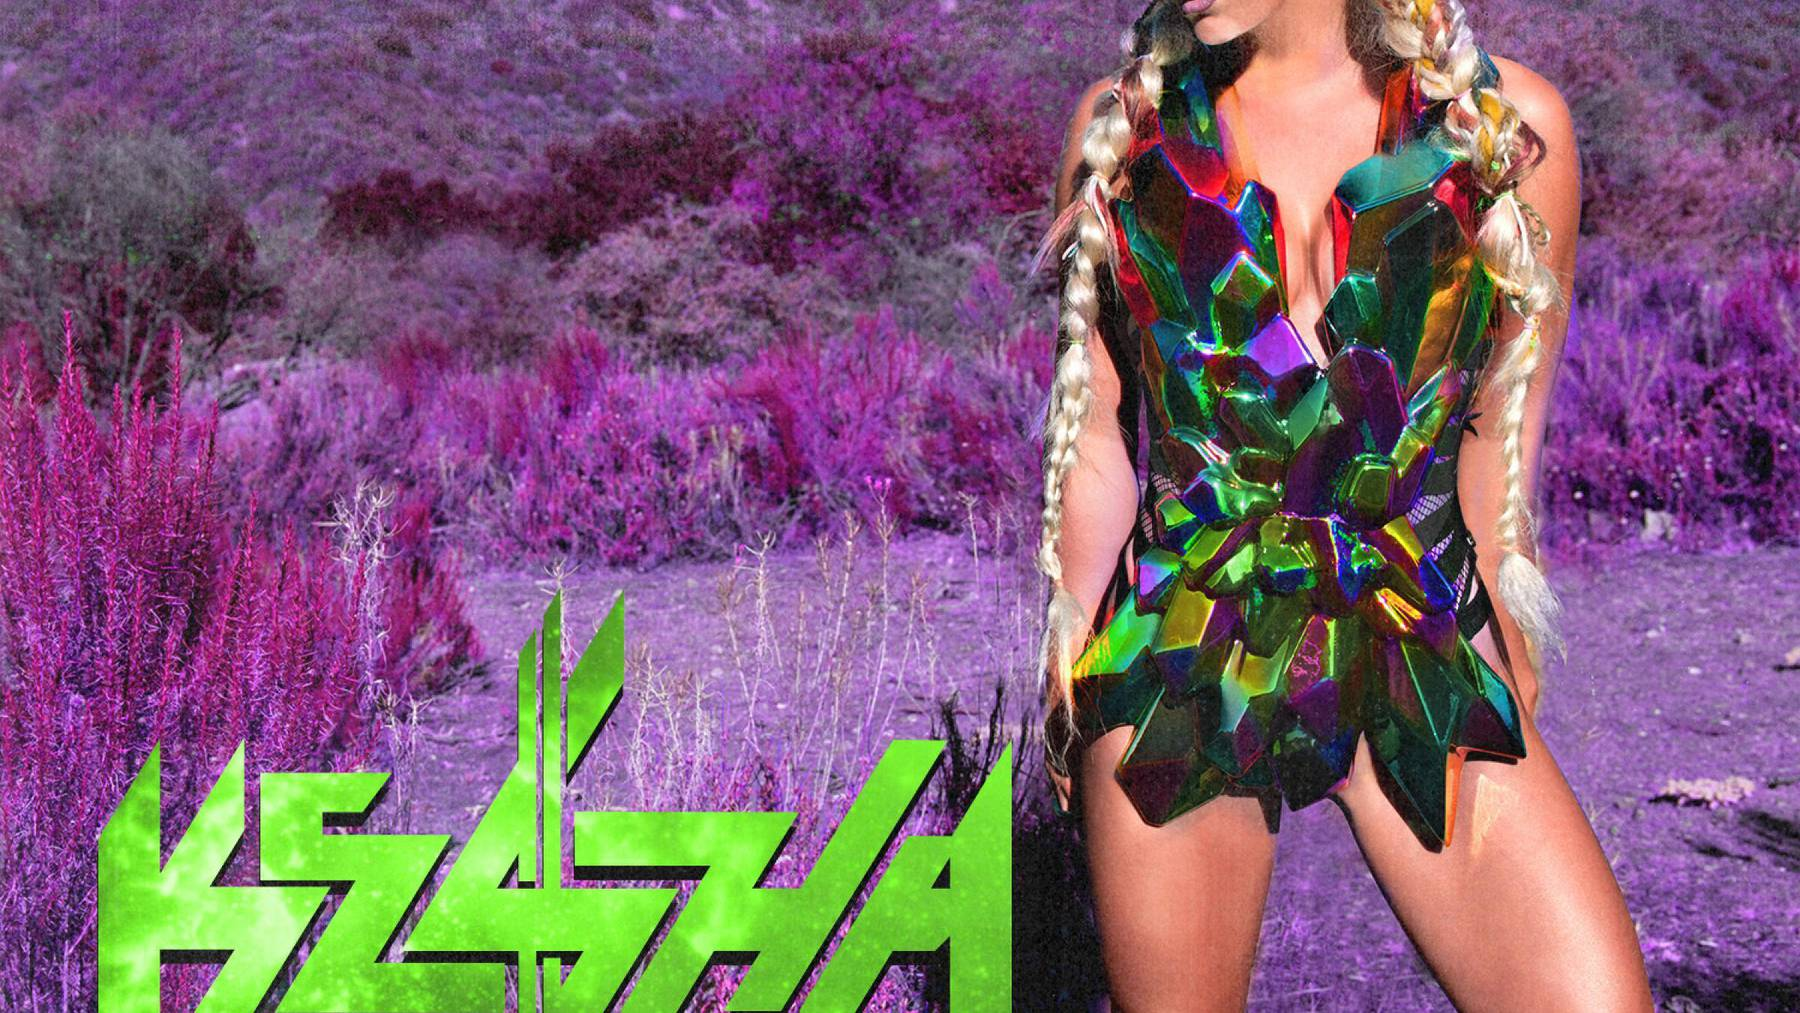 Neue Musik von Kesha: Warrior